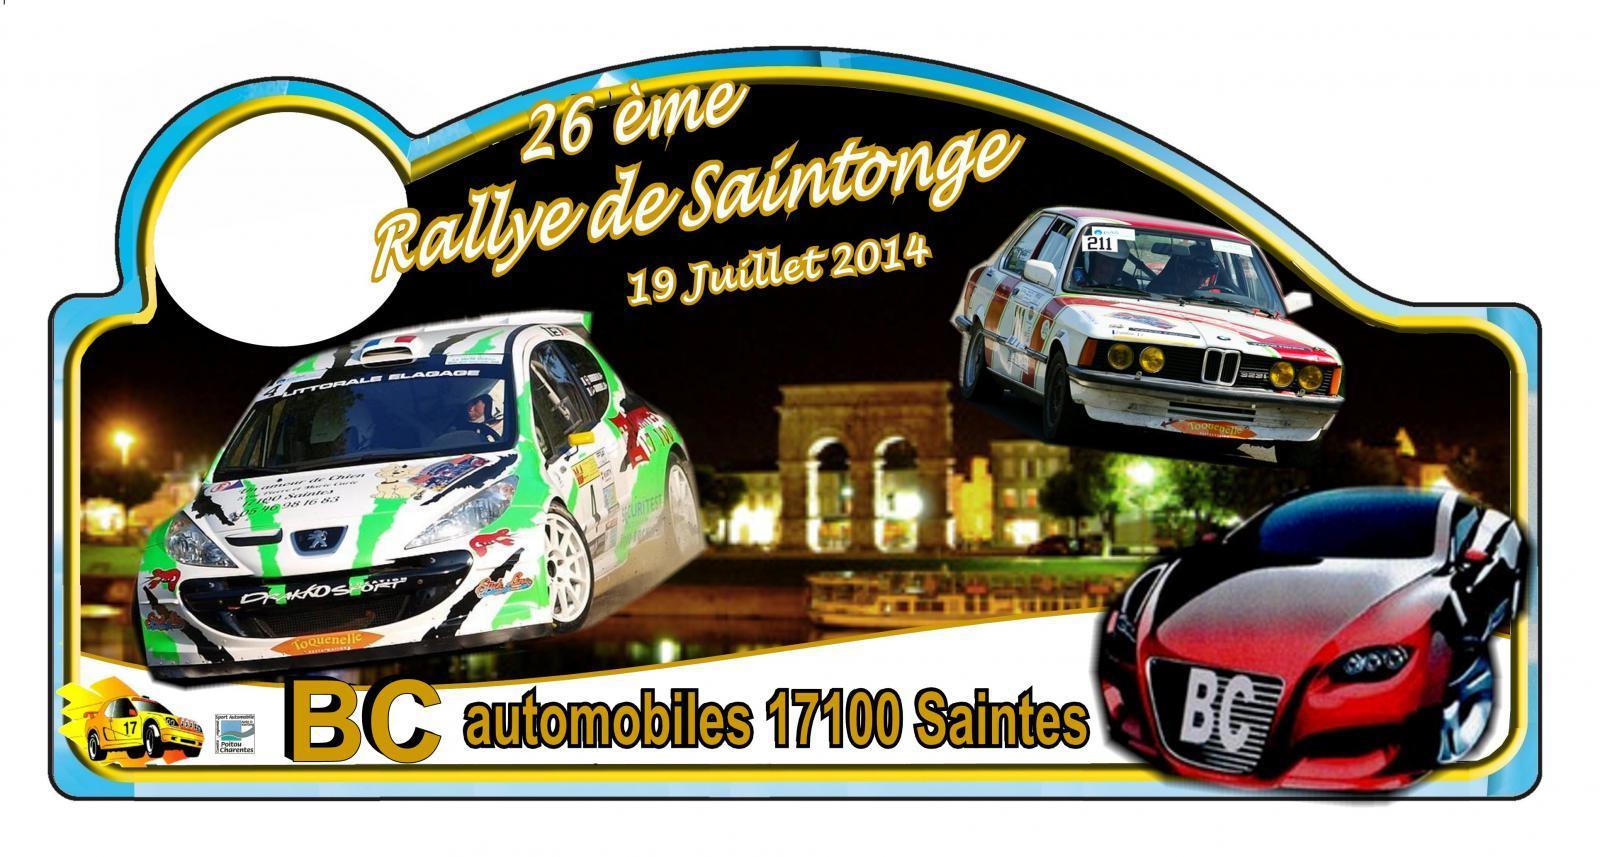 Classement-Rallye-de-Saintonge-2014